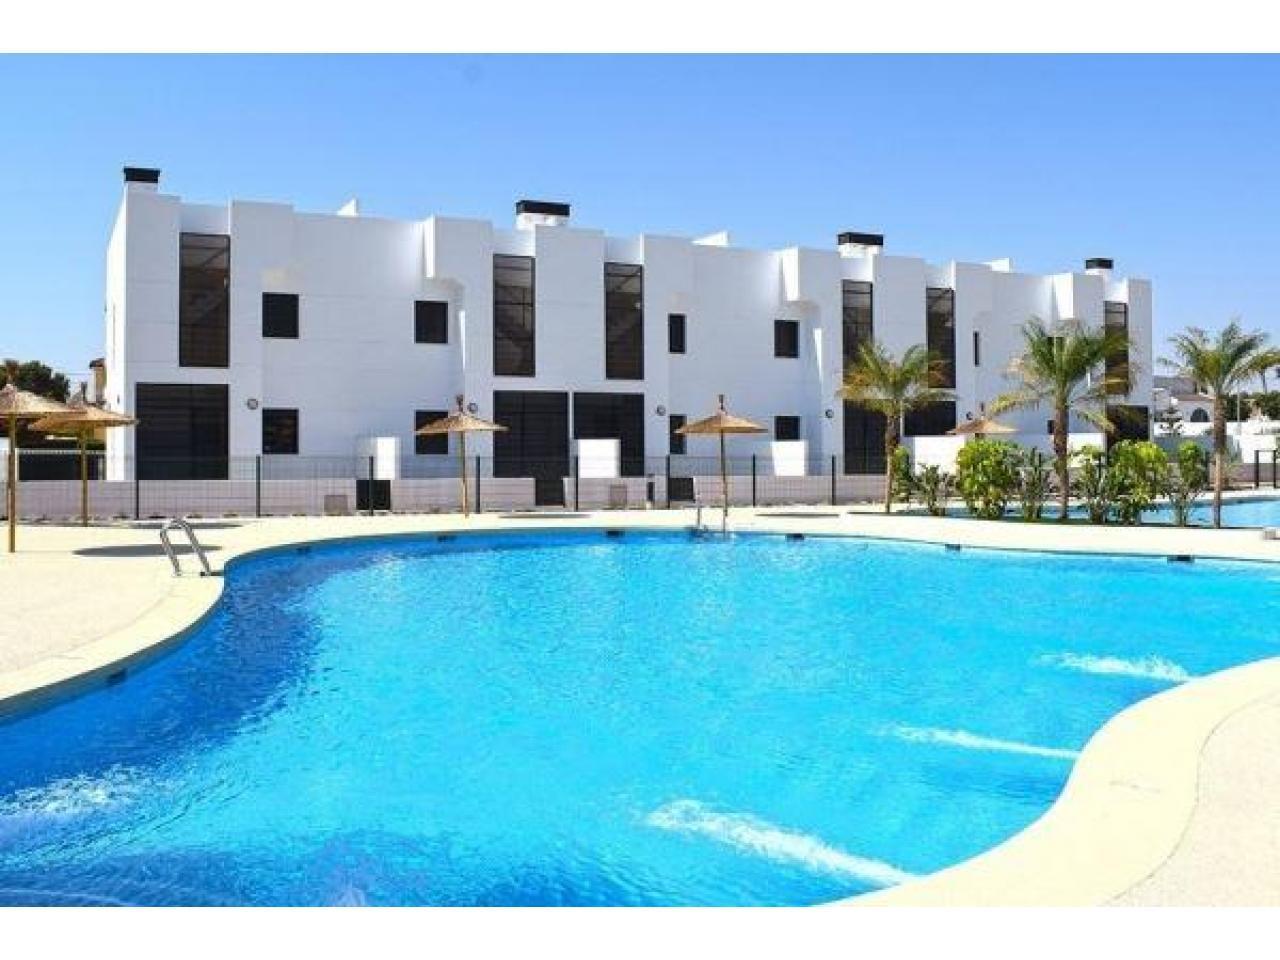 Недвижимость в Испании, Новые бунгало рядом с пляжем от застройщика в Миль Пальмерас - 1